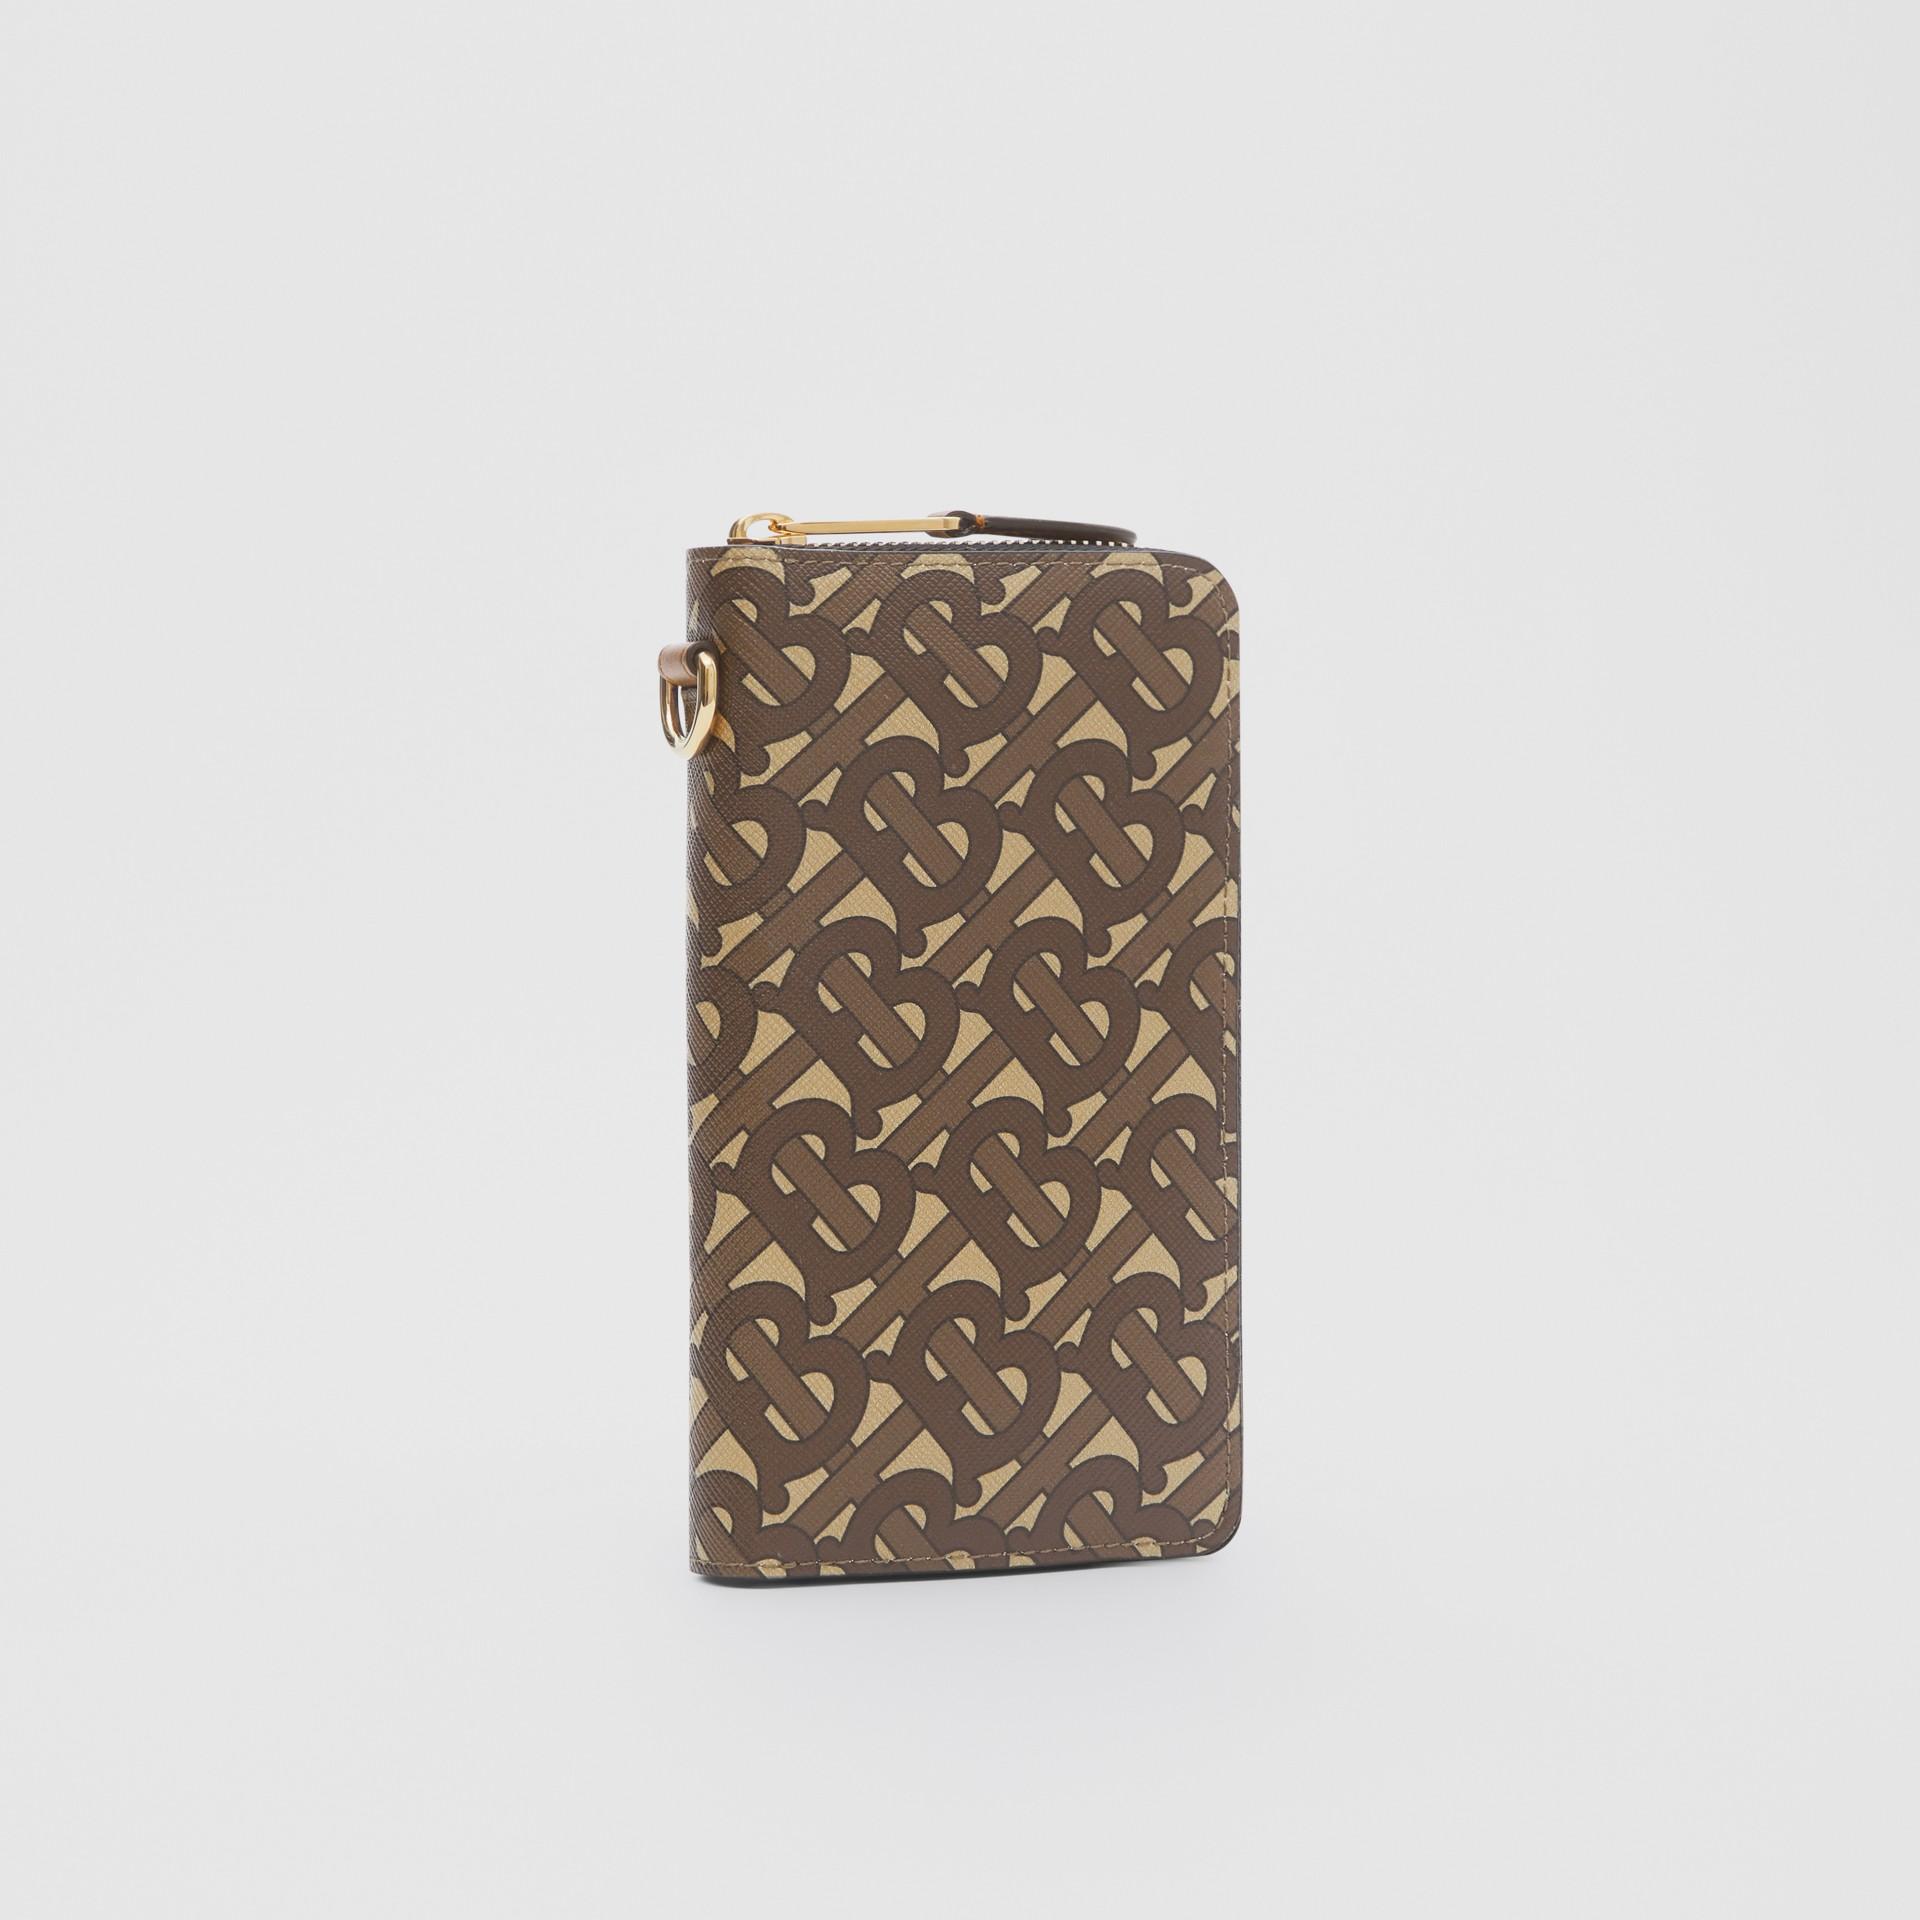 모노그램 프린트 E-캔버스 휴대폰 지갑 (브라이들 브라운) - 남성 | Burberry - 갤러리 이미지 3